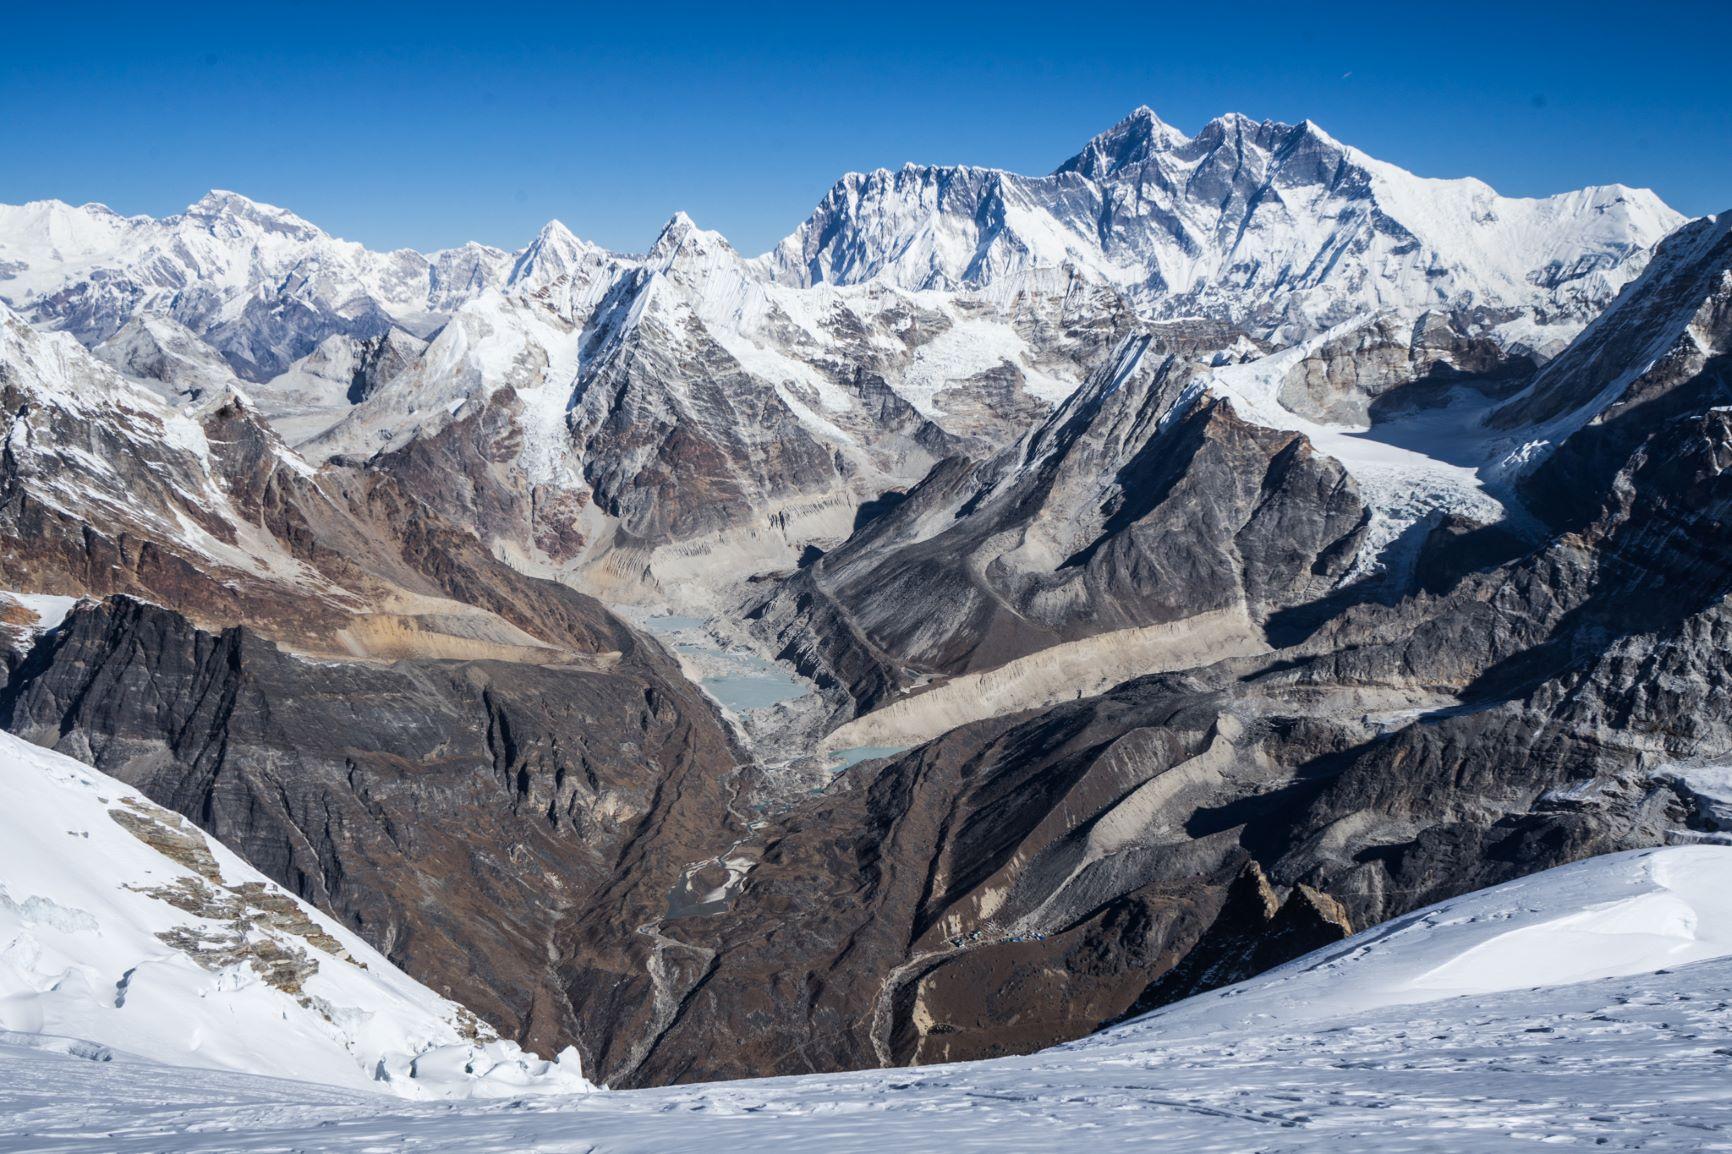 Escalando La Cumbre Más Subestimada en Nepal: El Pico Mera